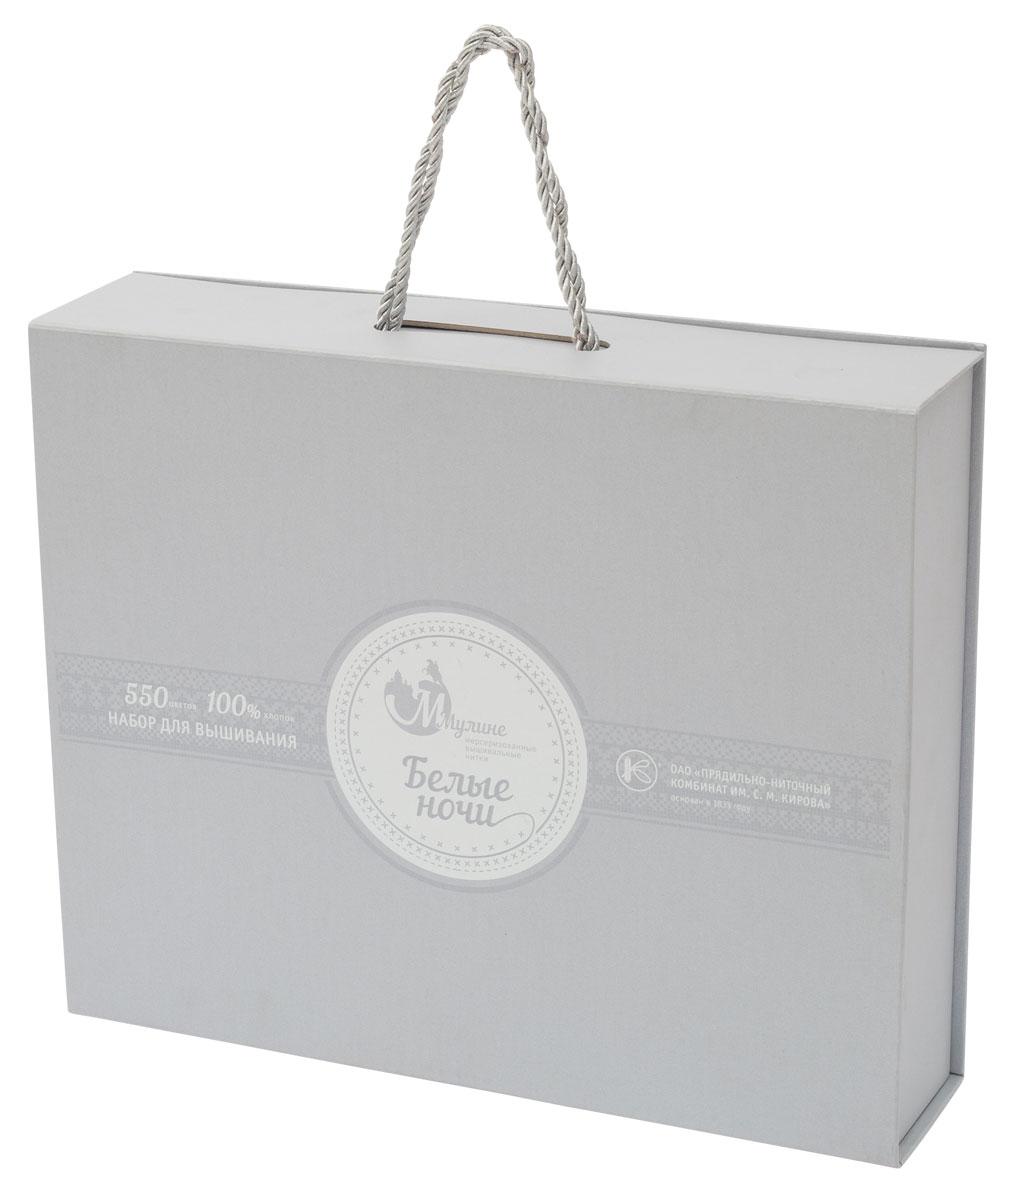 """Набор ниток мулине """"Белые ночи"""", хлопчатобумажные, 10 м, 550 шт"""